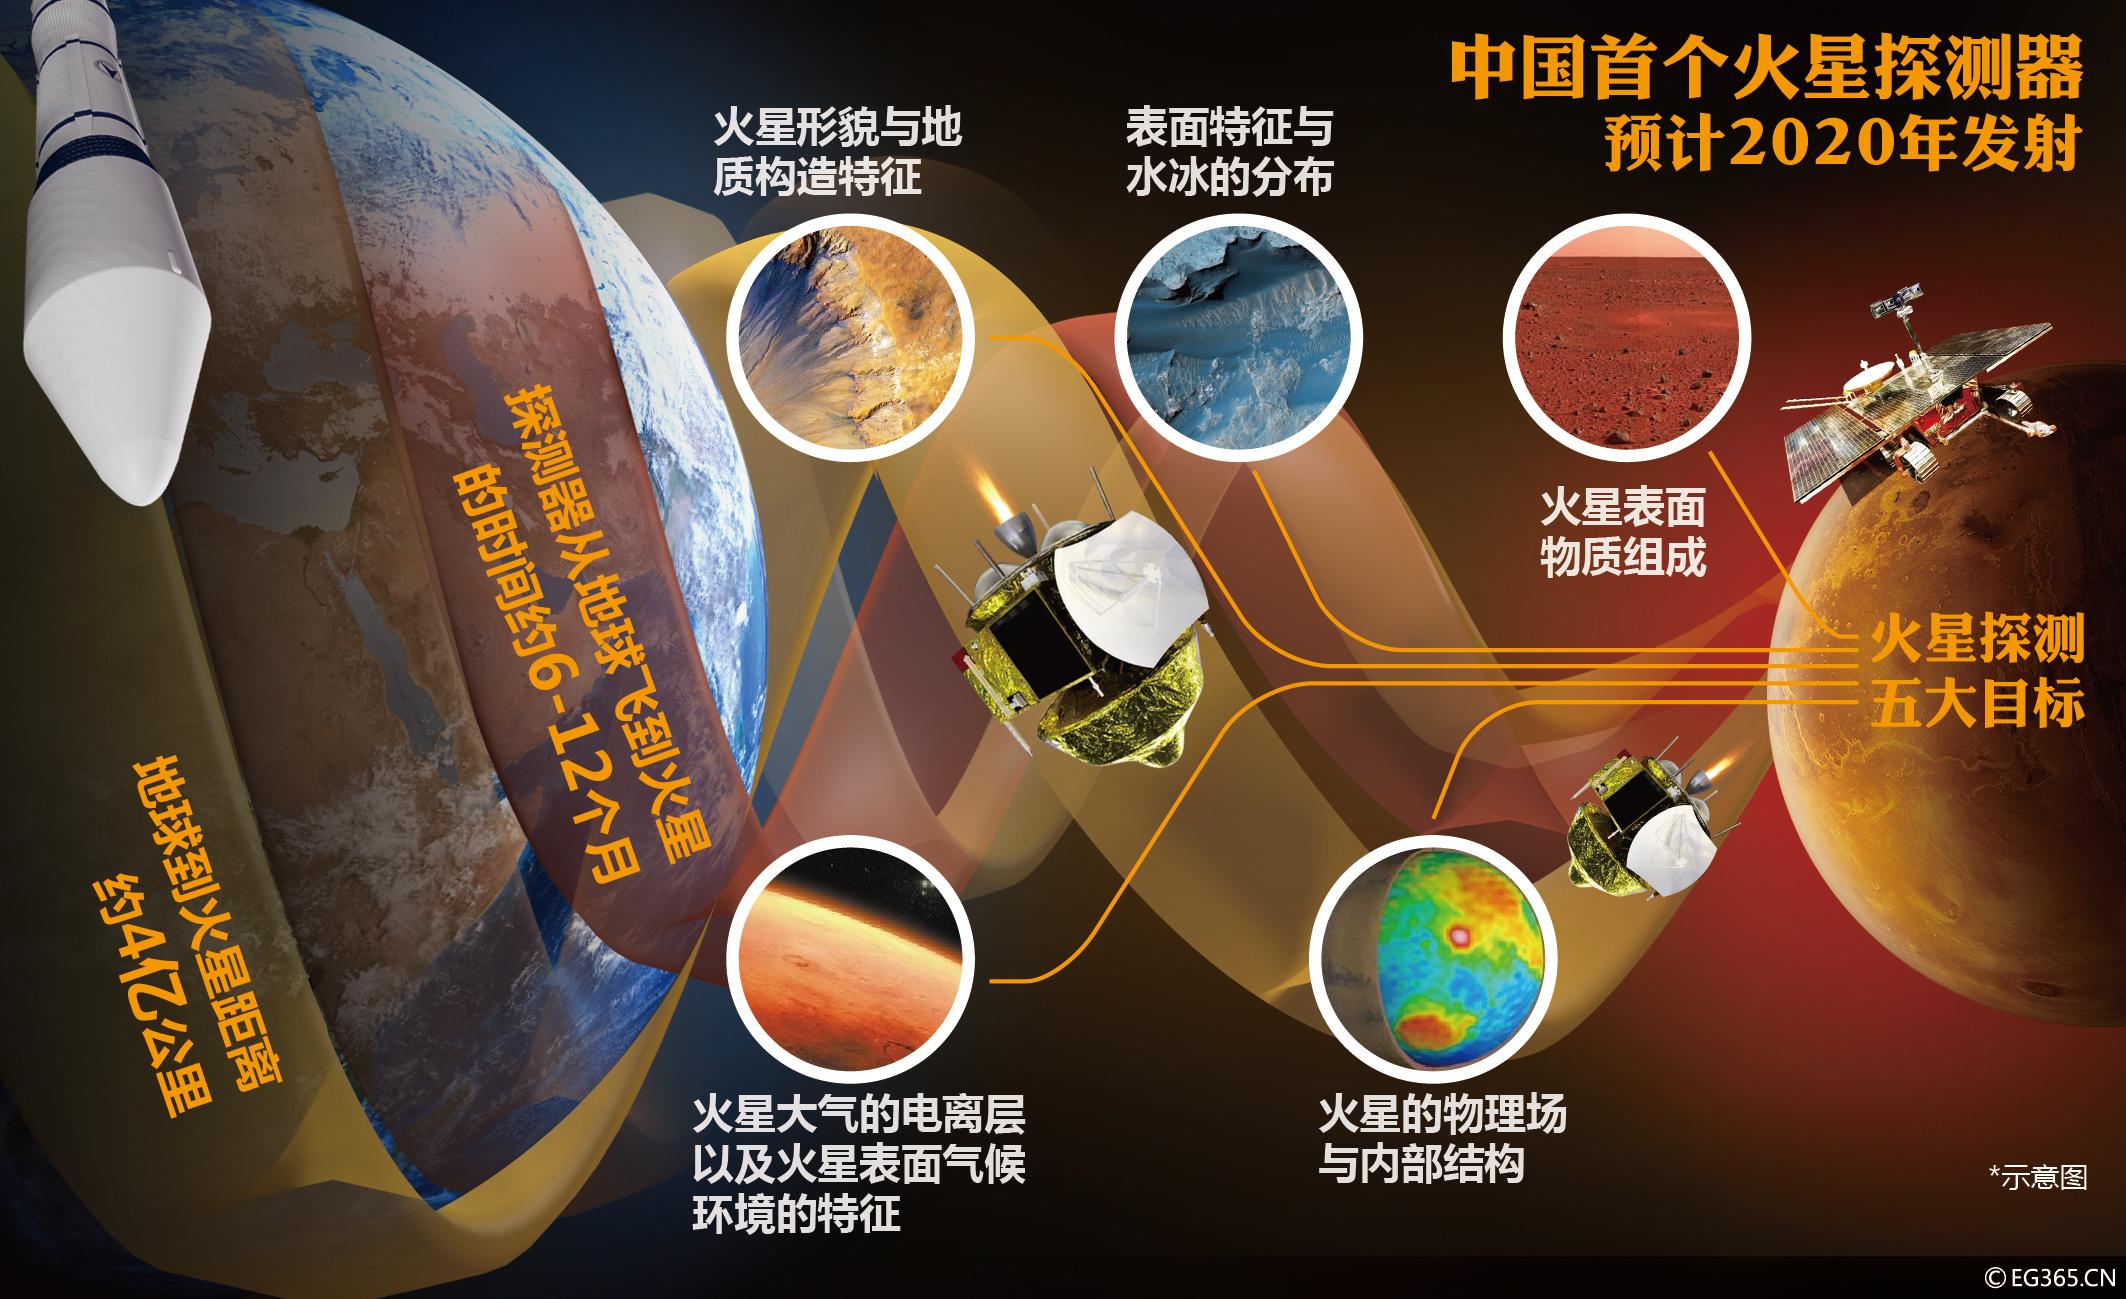 火星车图片_中国火星登陆计划公开征名,竟唤醒网友中二之魂!